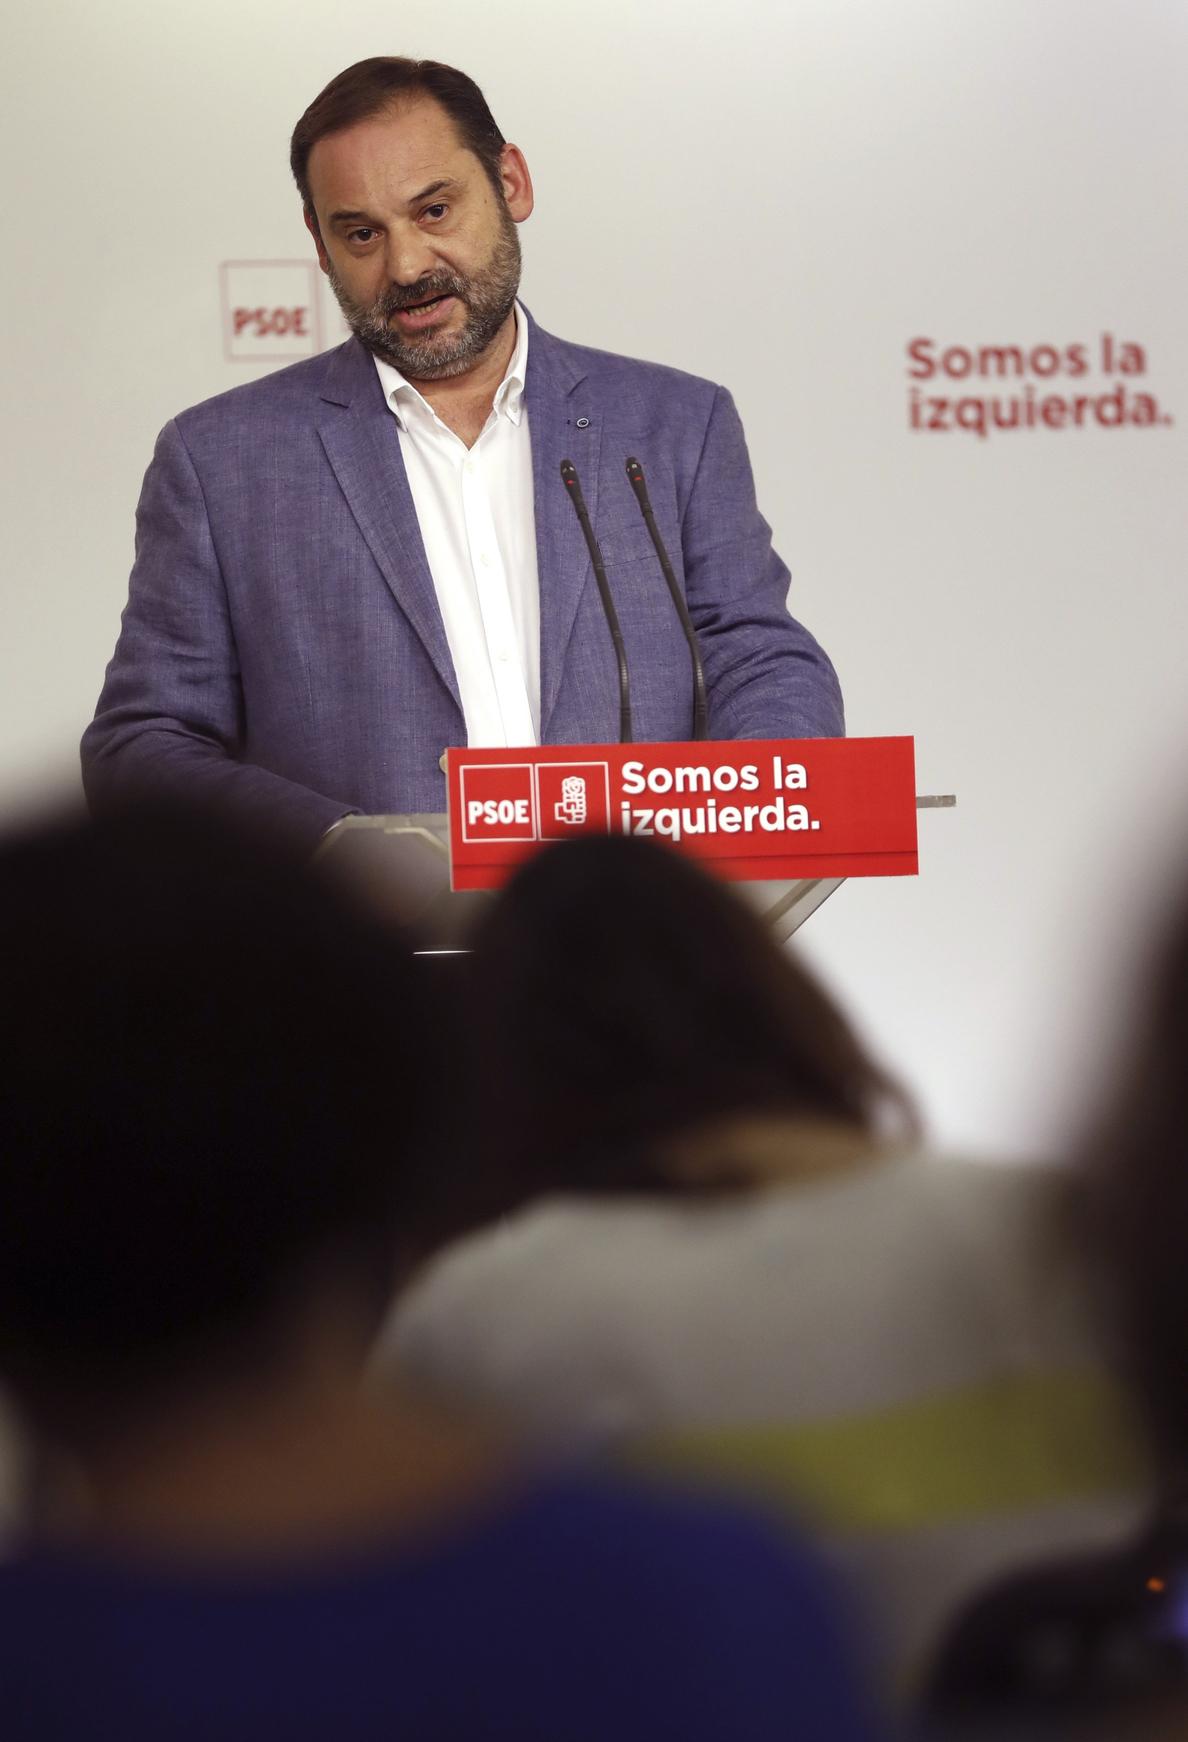 Ábalos reclama prudencia con Cataluña y evitar anuncios que suenen a amenaza